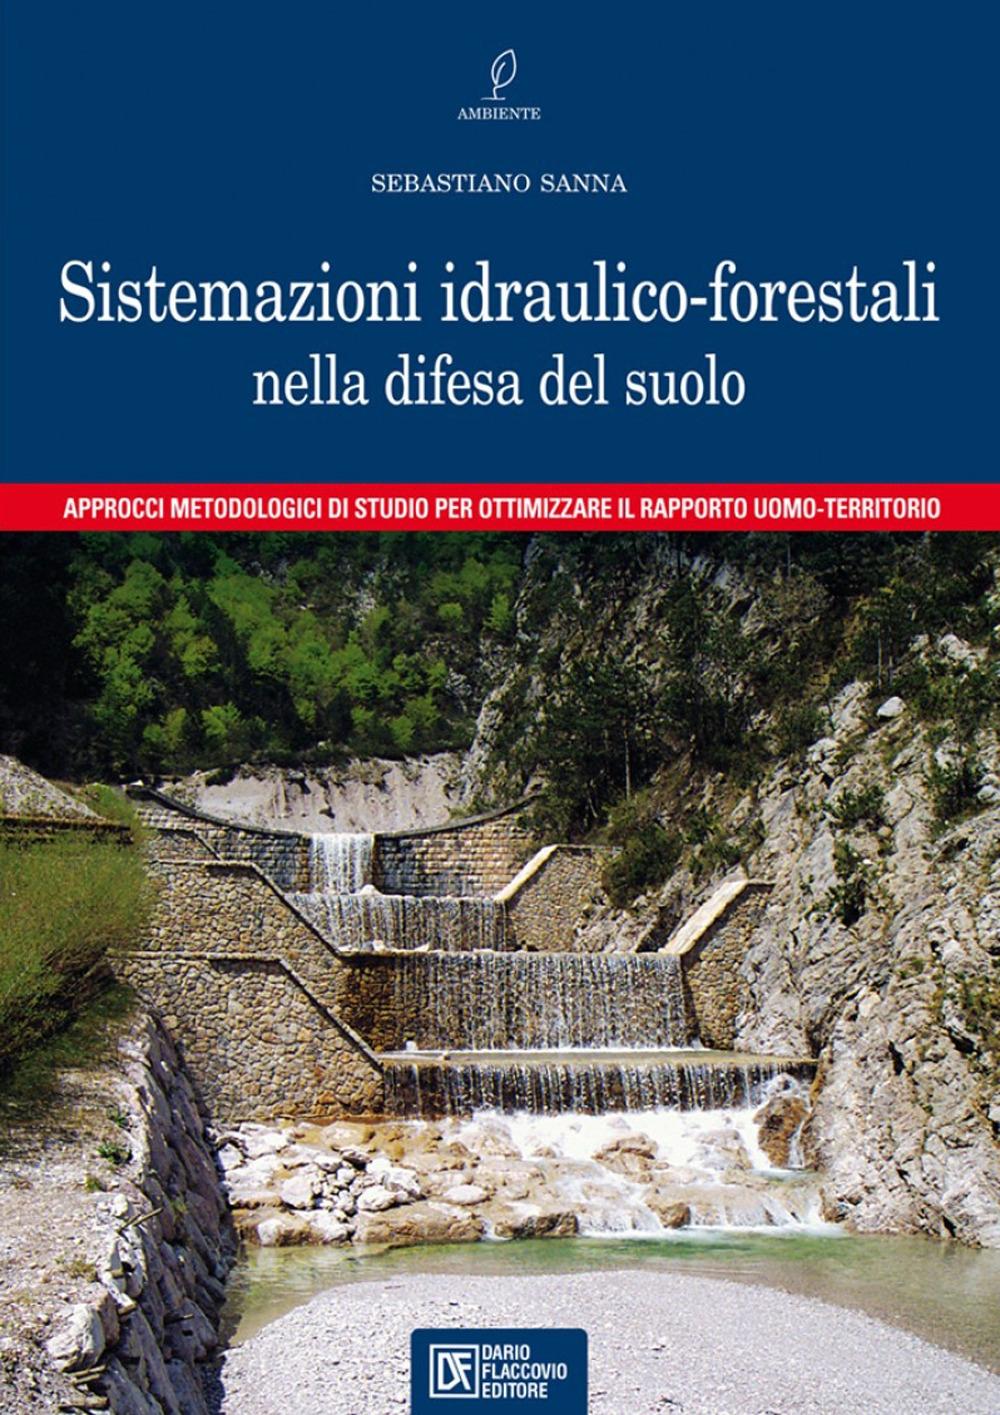 Le sistemazioni idraulico-forestali nella difesa del suolo. Approcci metodologici di studio per ottimizzare il rapporto uomo-territorio.